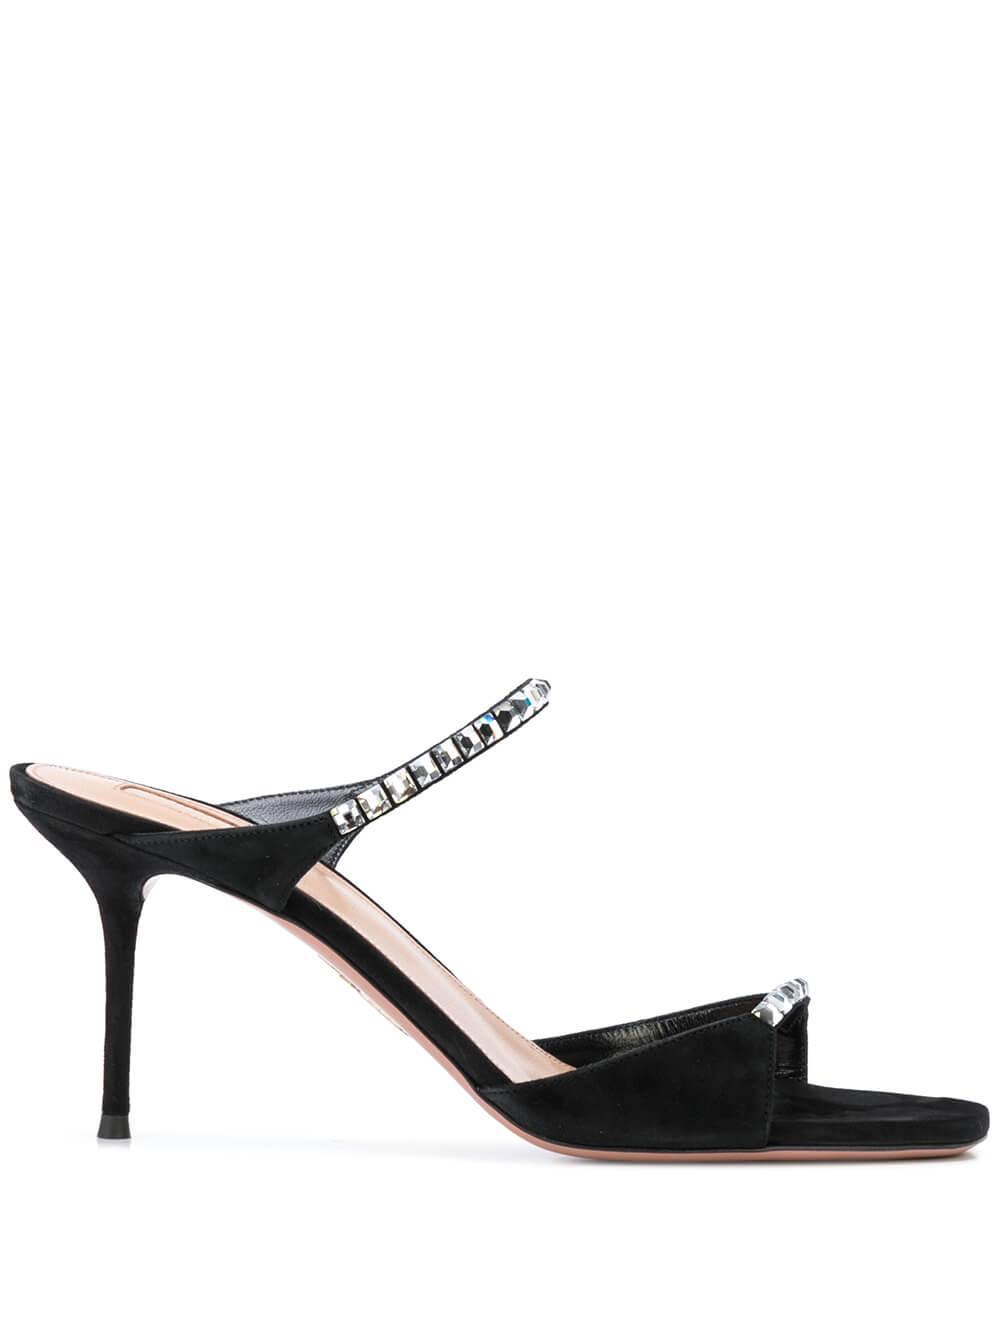 Diamante 75mm 2- Strap Suede Sandal Item # DMTMIDS0-SUE